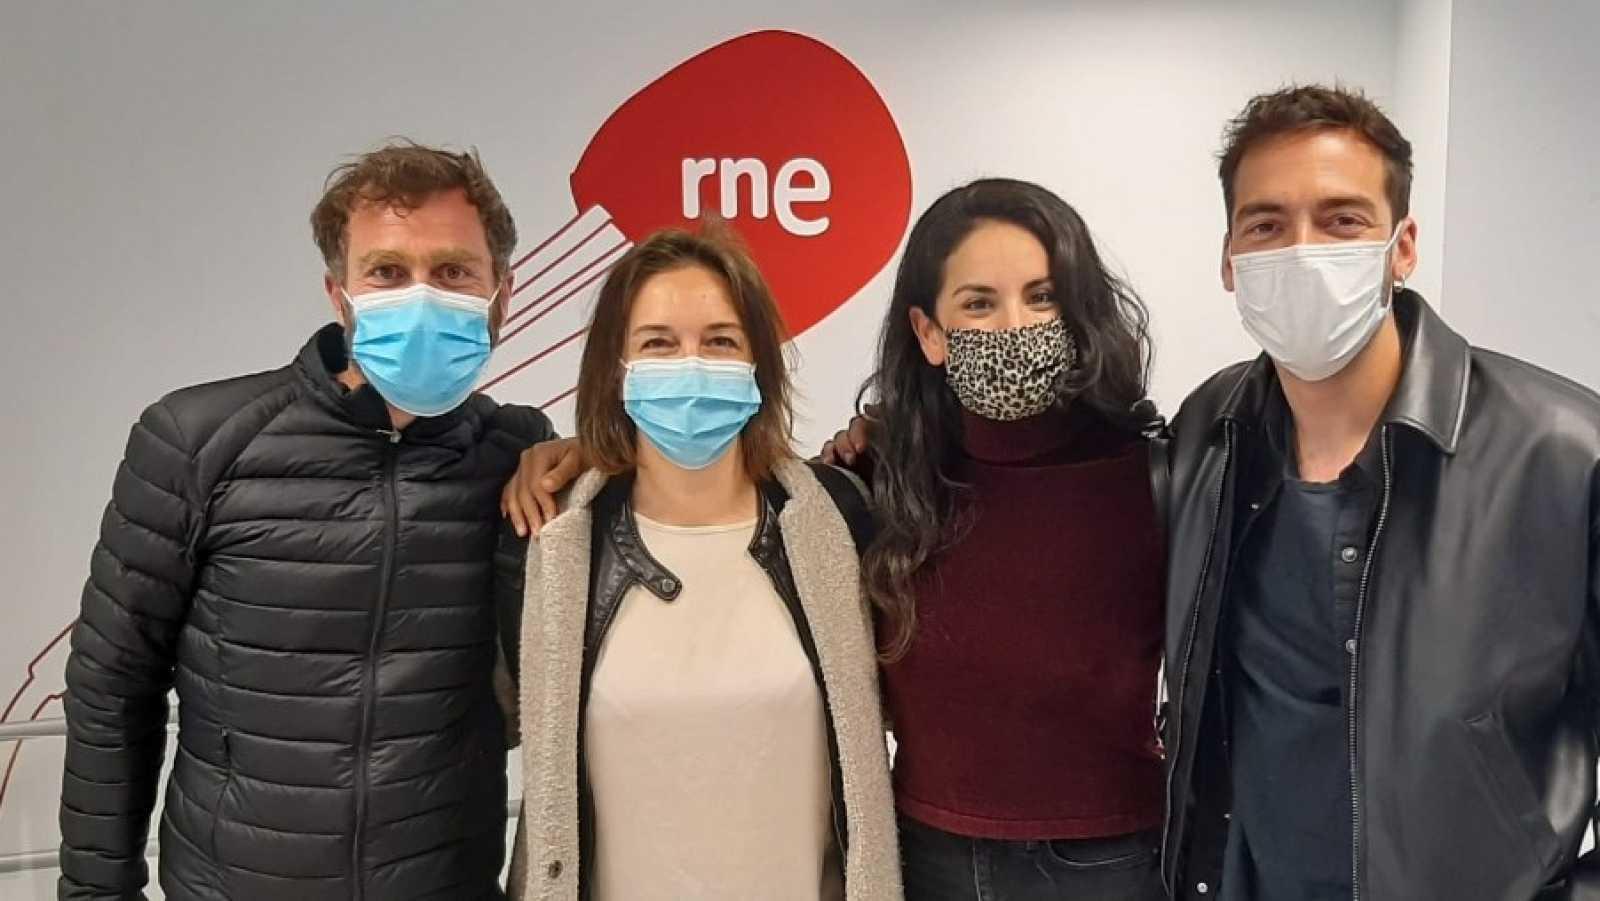 La sala - 'Castelvines y Monteses': Paula Iwasaki, Andreas Muñoz, Andreas Muñoz y Nuria Cruz-Moreno - 18/04/21 - Escuchar ahora